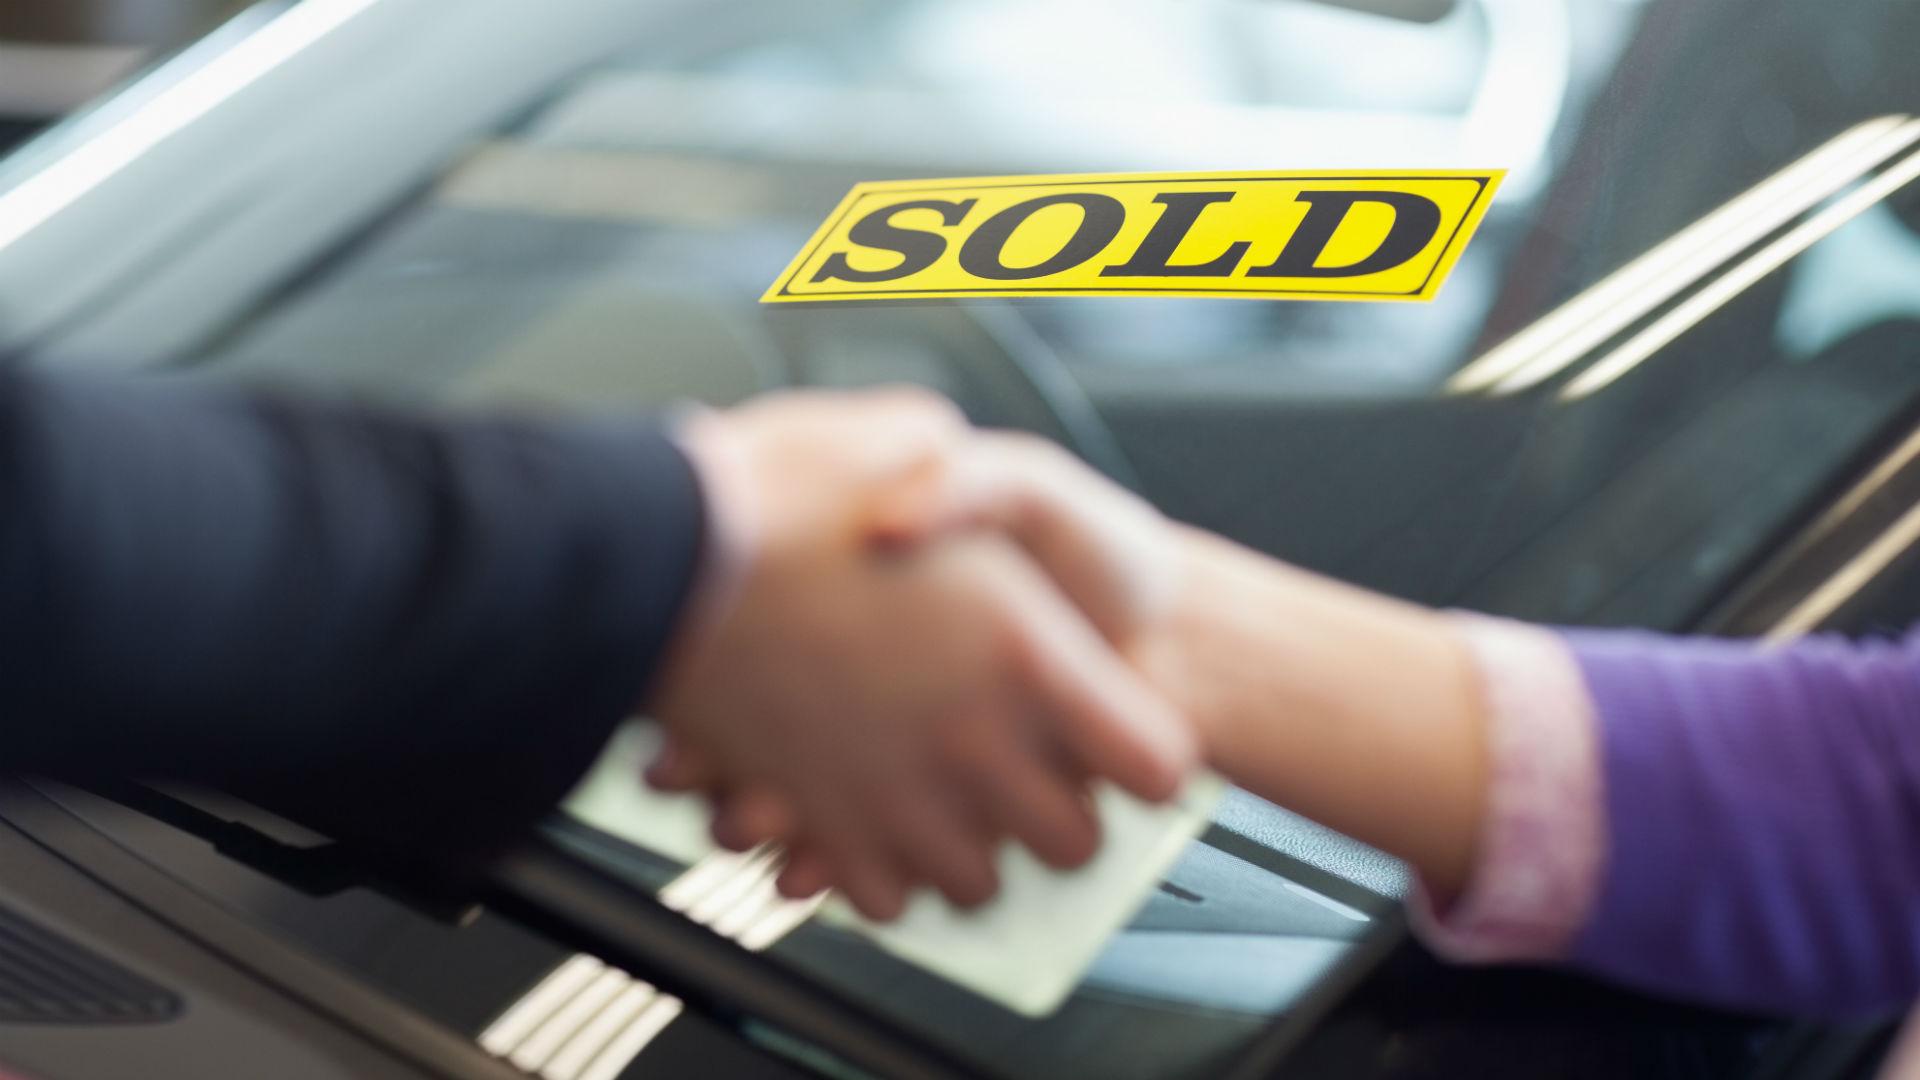 sold a car